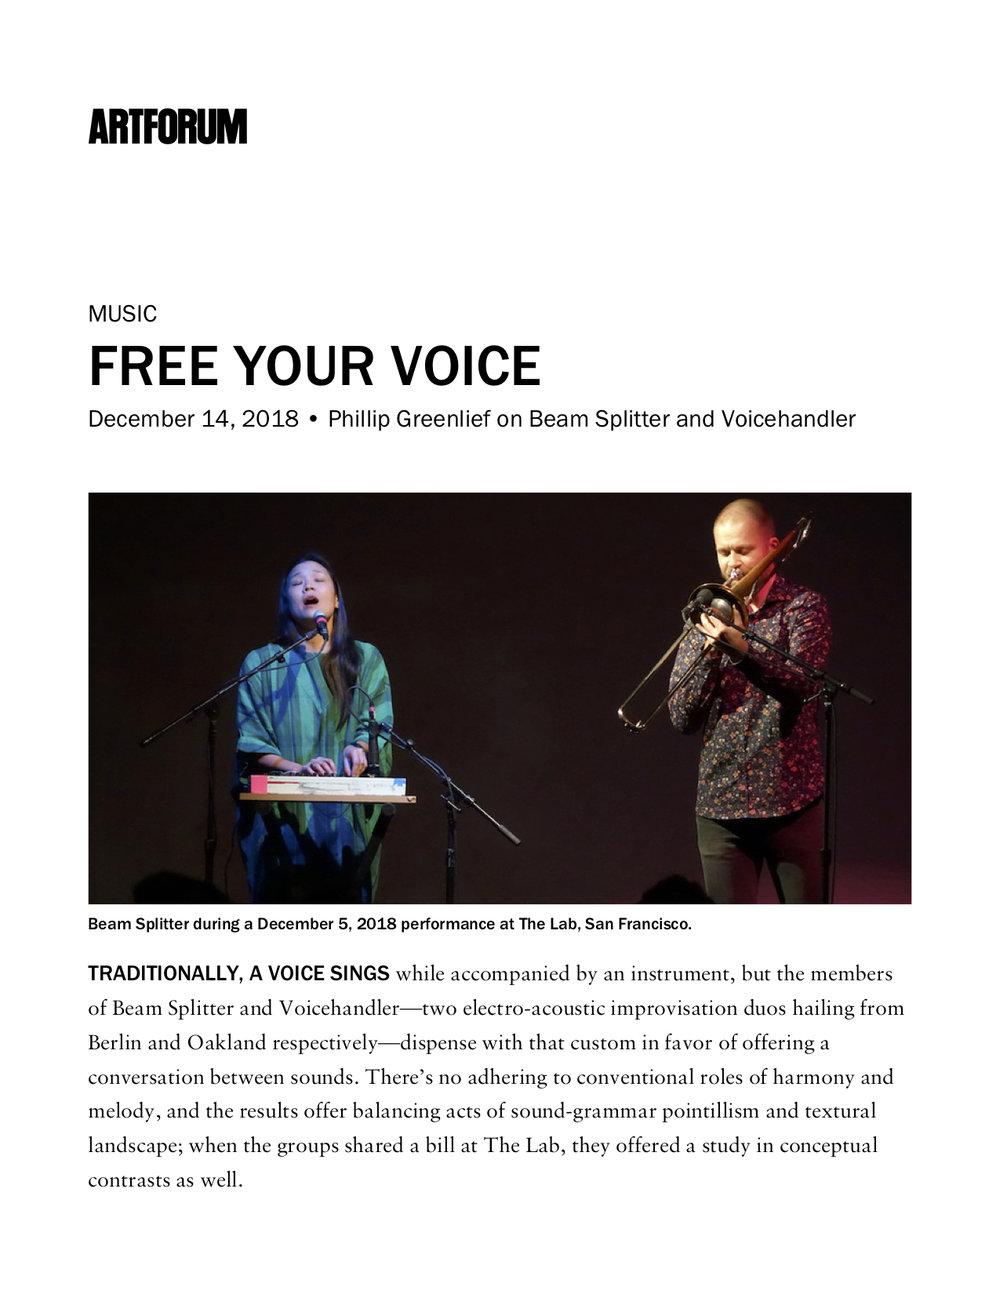 Free Your Voice - Artforum International 1.jpg